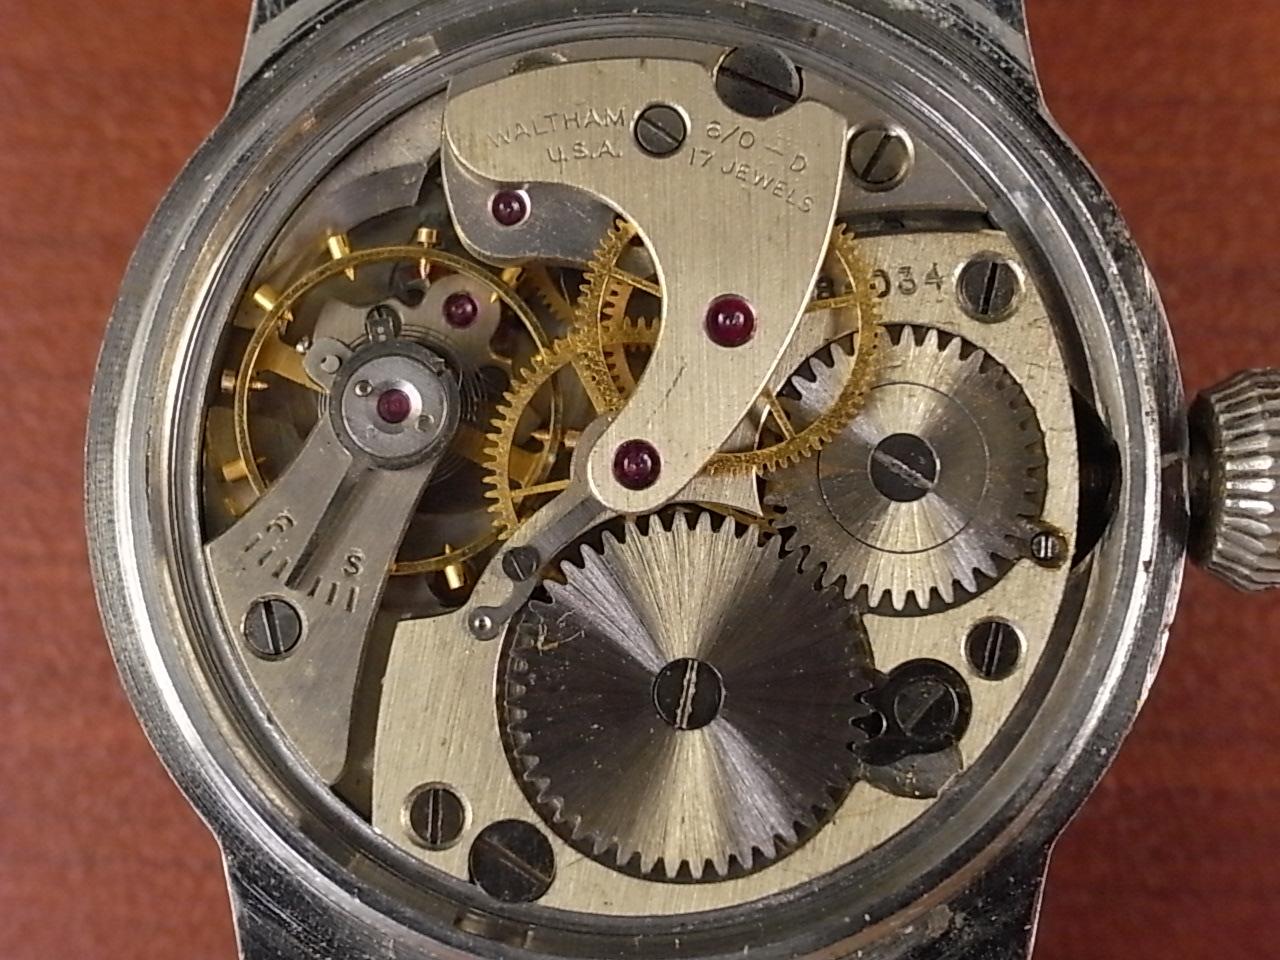 ウォルサム 軍用時計 米軍 タイプA-17 1950年代の写真5枚目